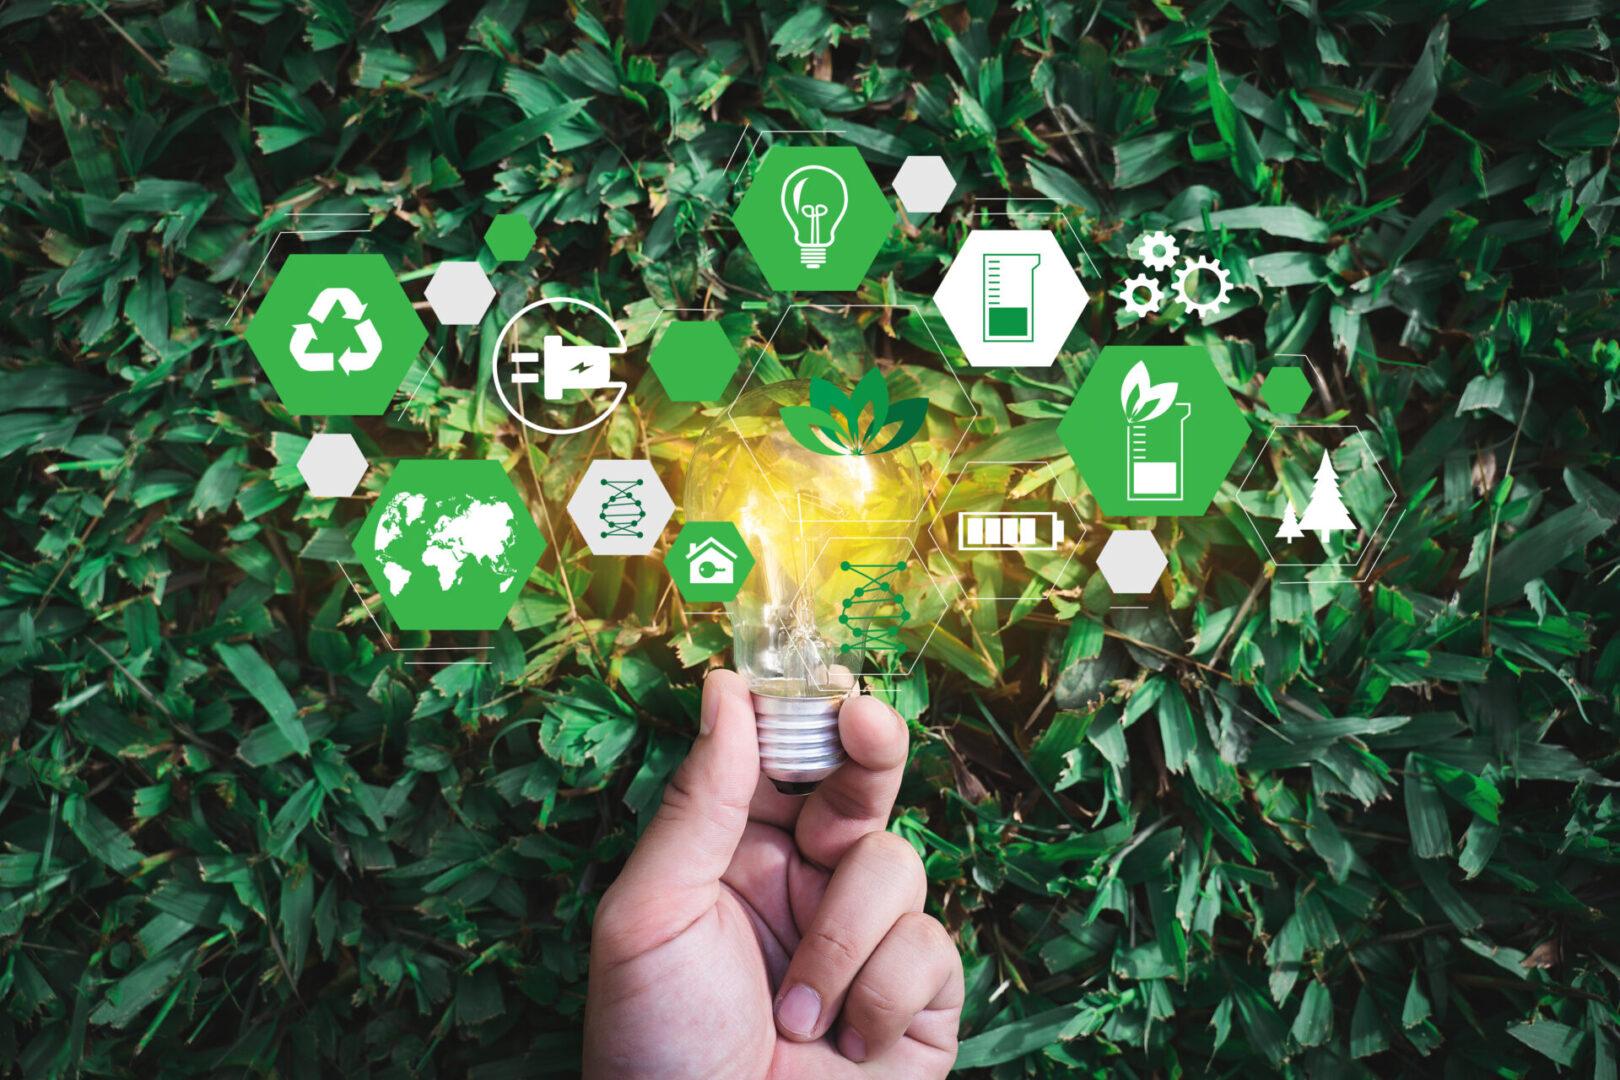 Team,Business,Energy,Use,,Sustainability,Elements,Energy,Sources,Sustainable,Ecology